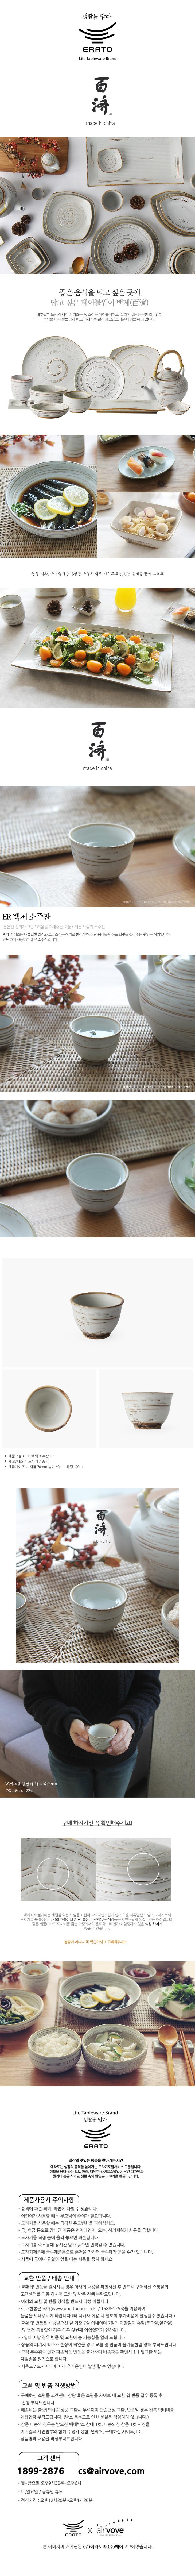 에라토 백제 소주잔(주기잔) B-7788 - 에라토, 1,900원, 커피잔/찻잔, 커피잔/찻잔